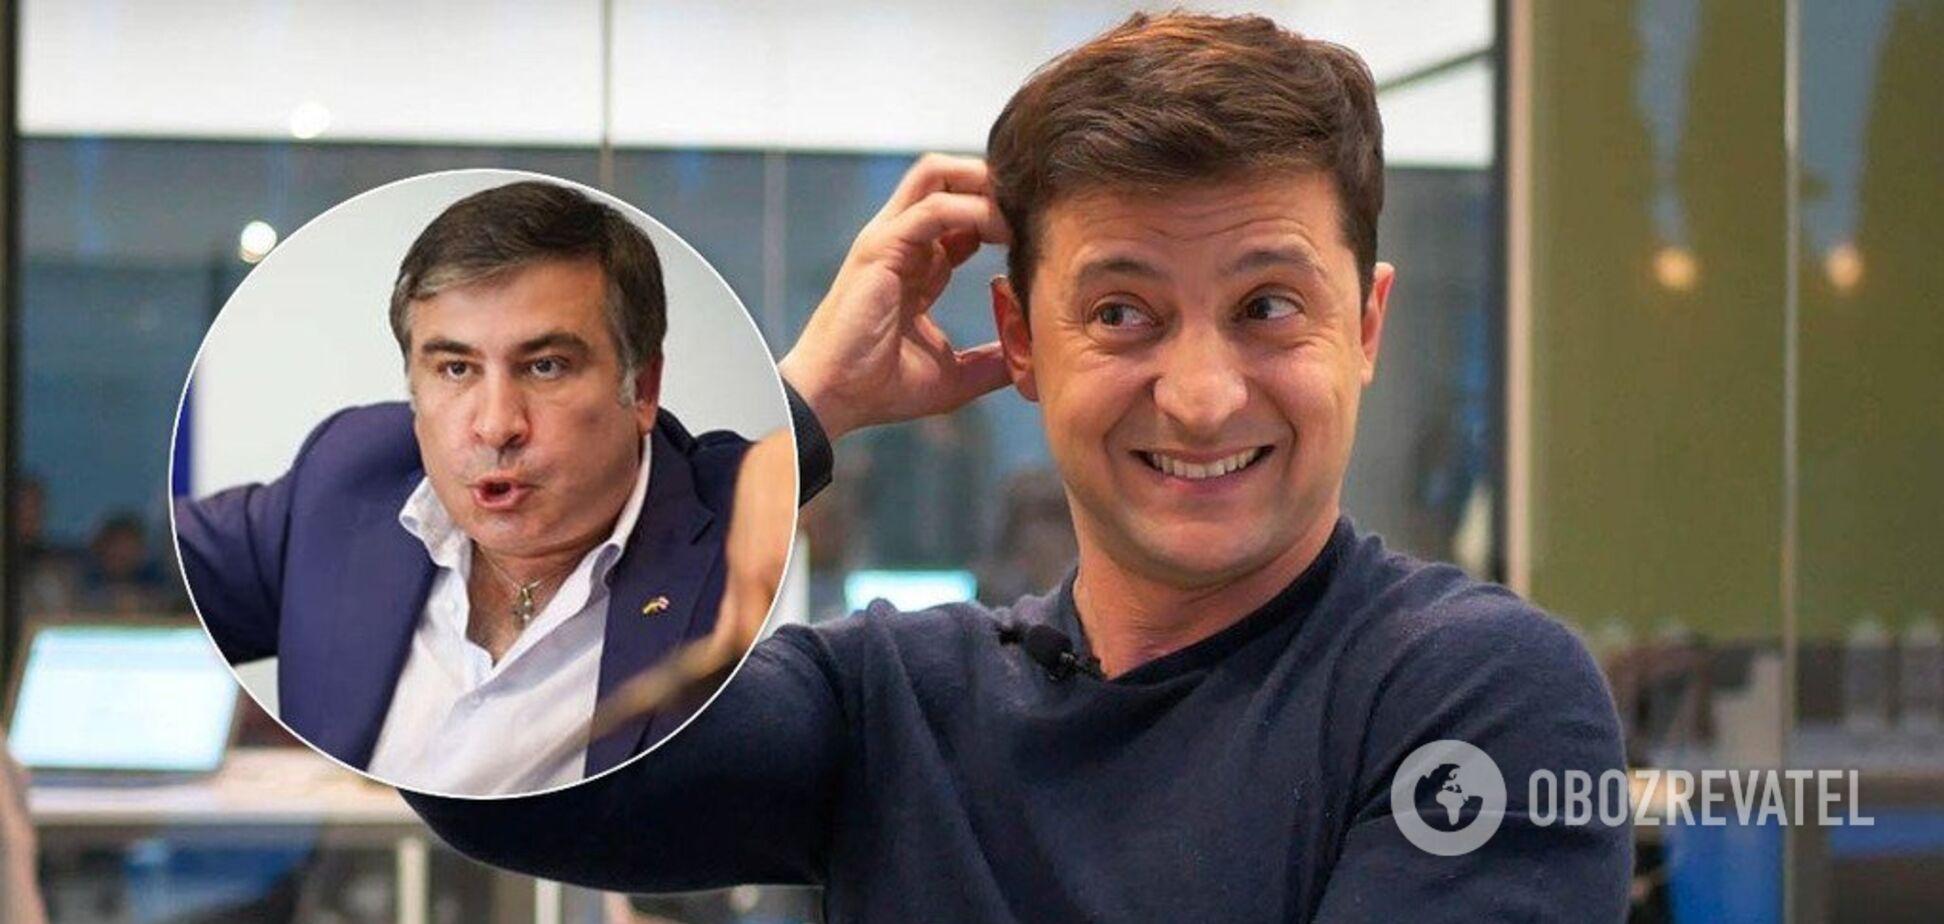 Саакашвили рвется в Кабмин: стало известно о переговорах со 'слугами народа'